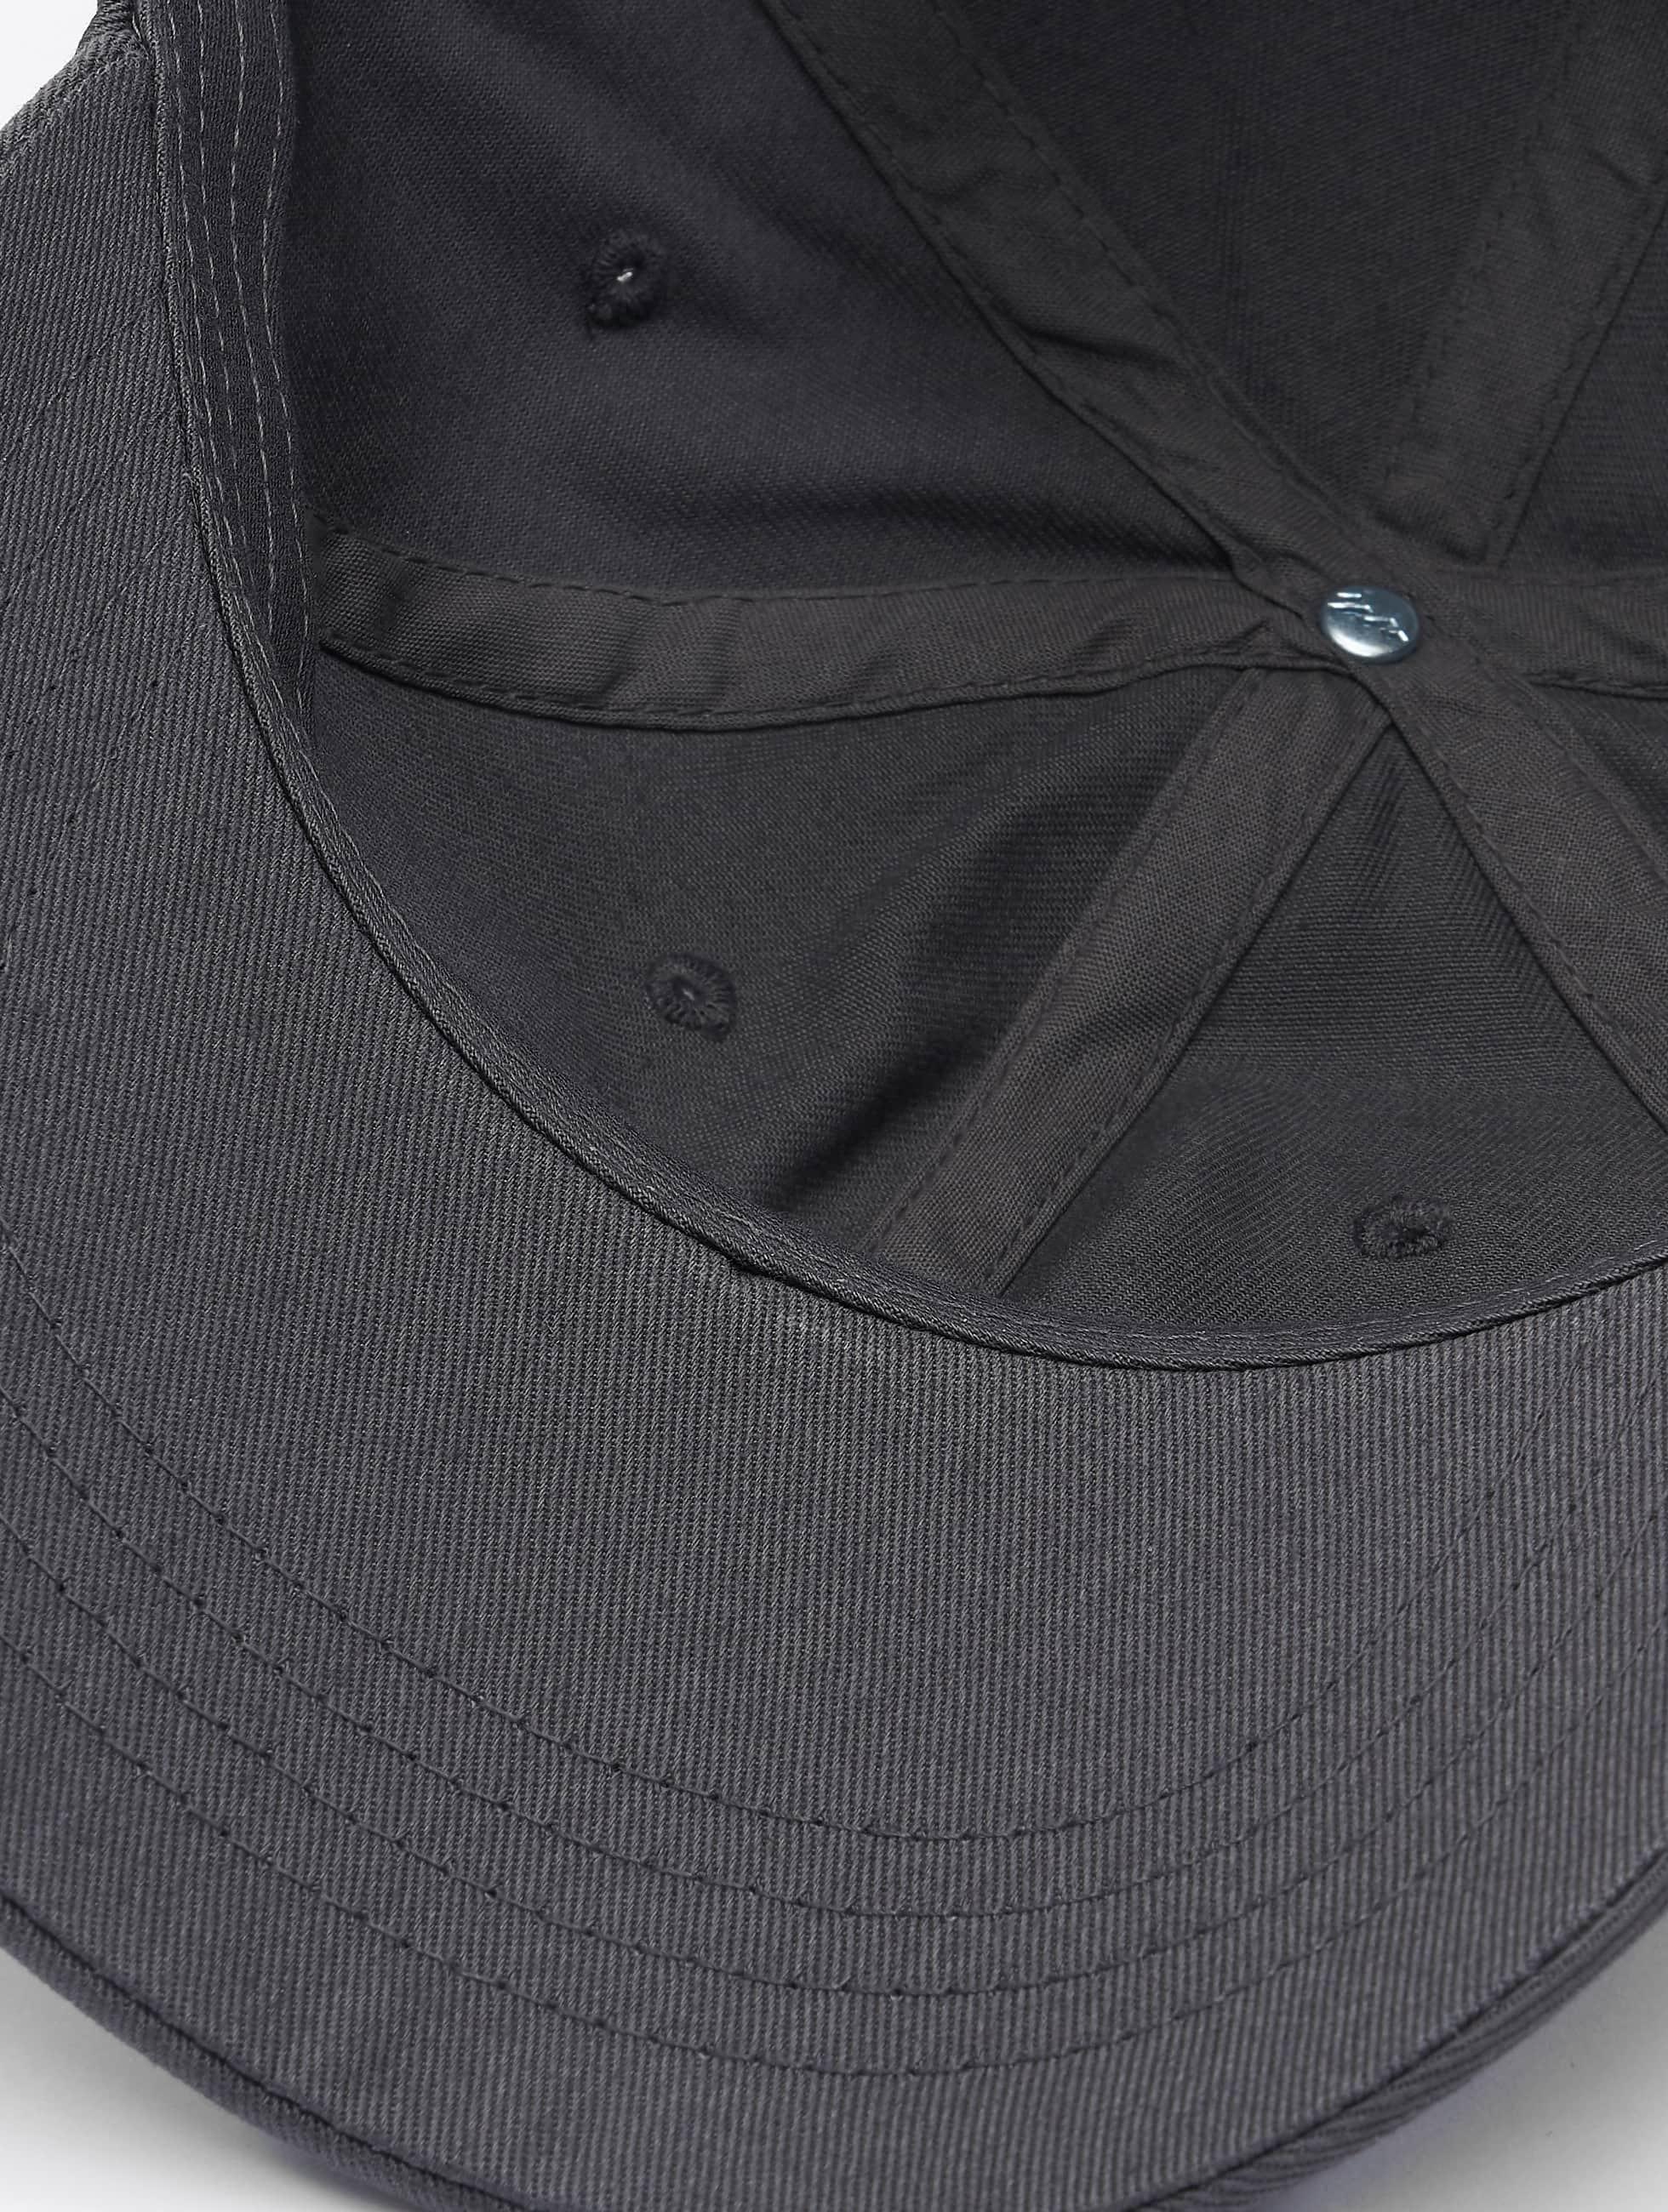 Flexfit Snapback Caps Low Profile Cotton Twil grå